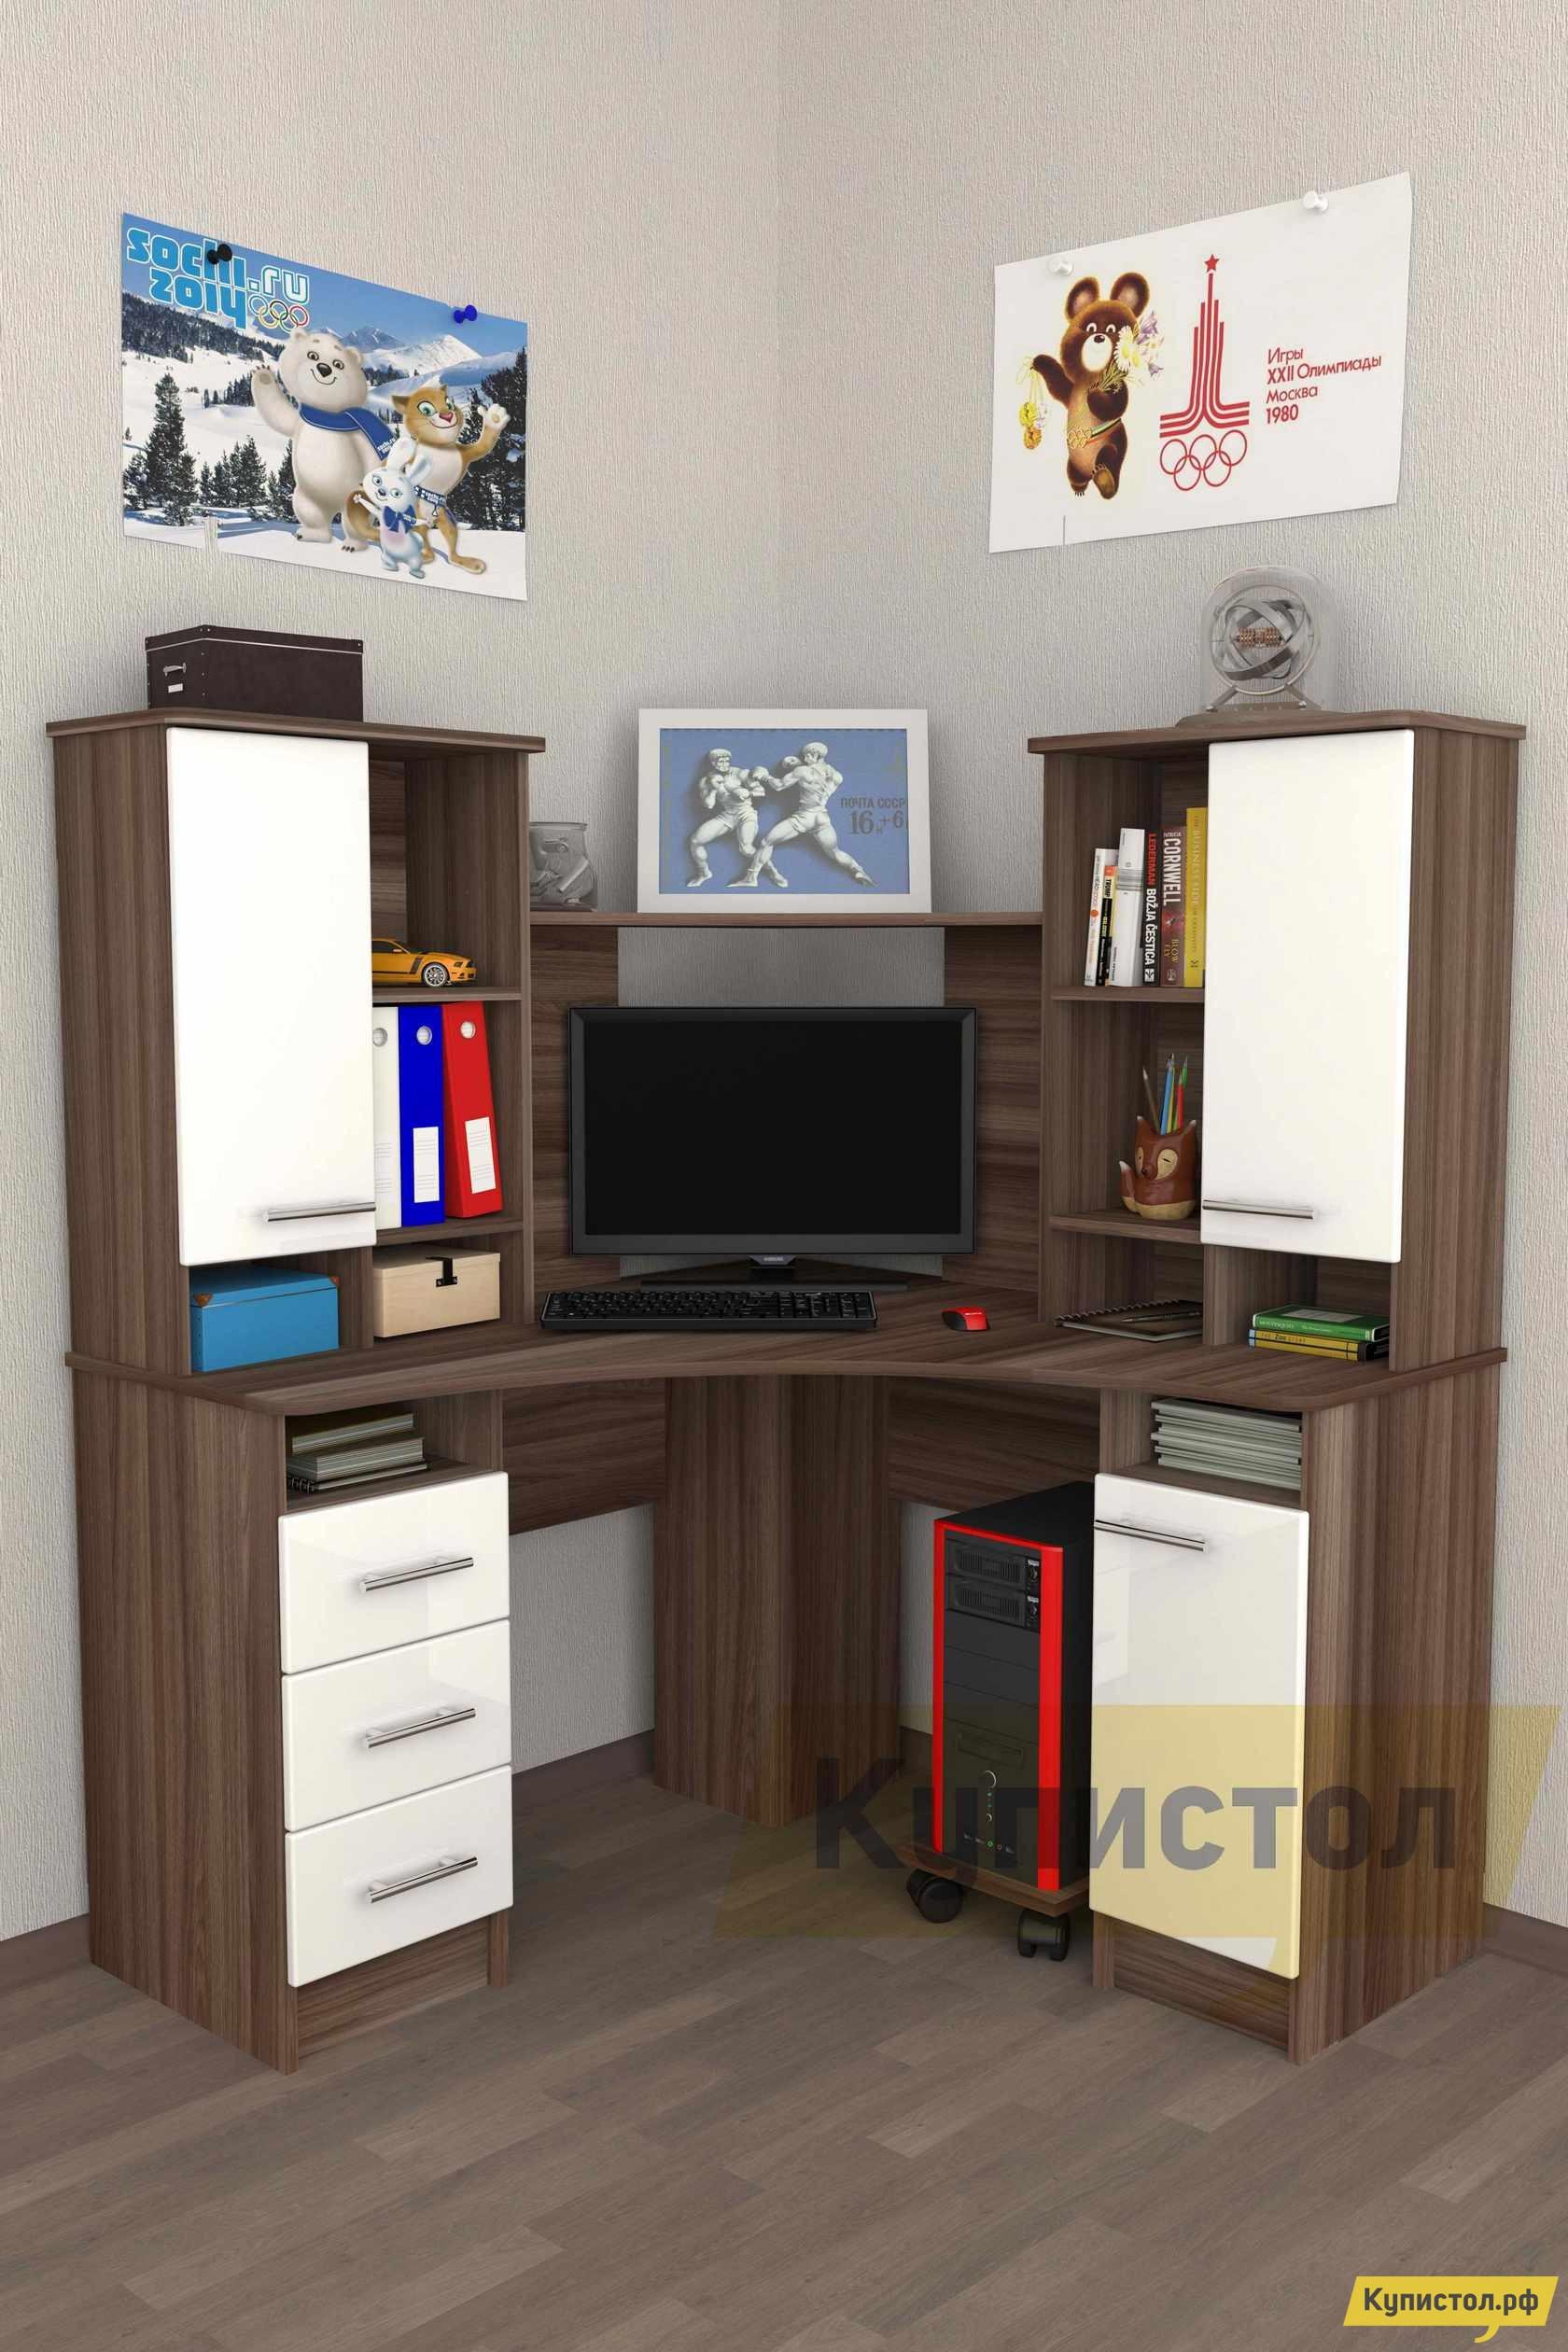 Угловой компьютерный стол Мебелеф Компьютерный стол «Мебелеф-41» компьютерный стол кс 20 30